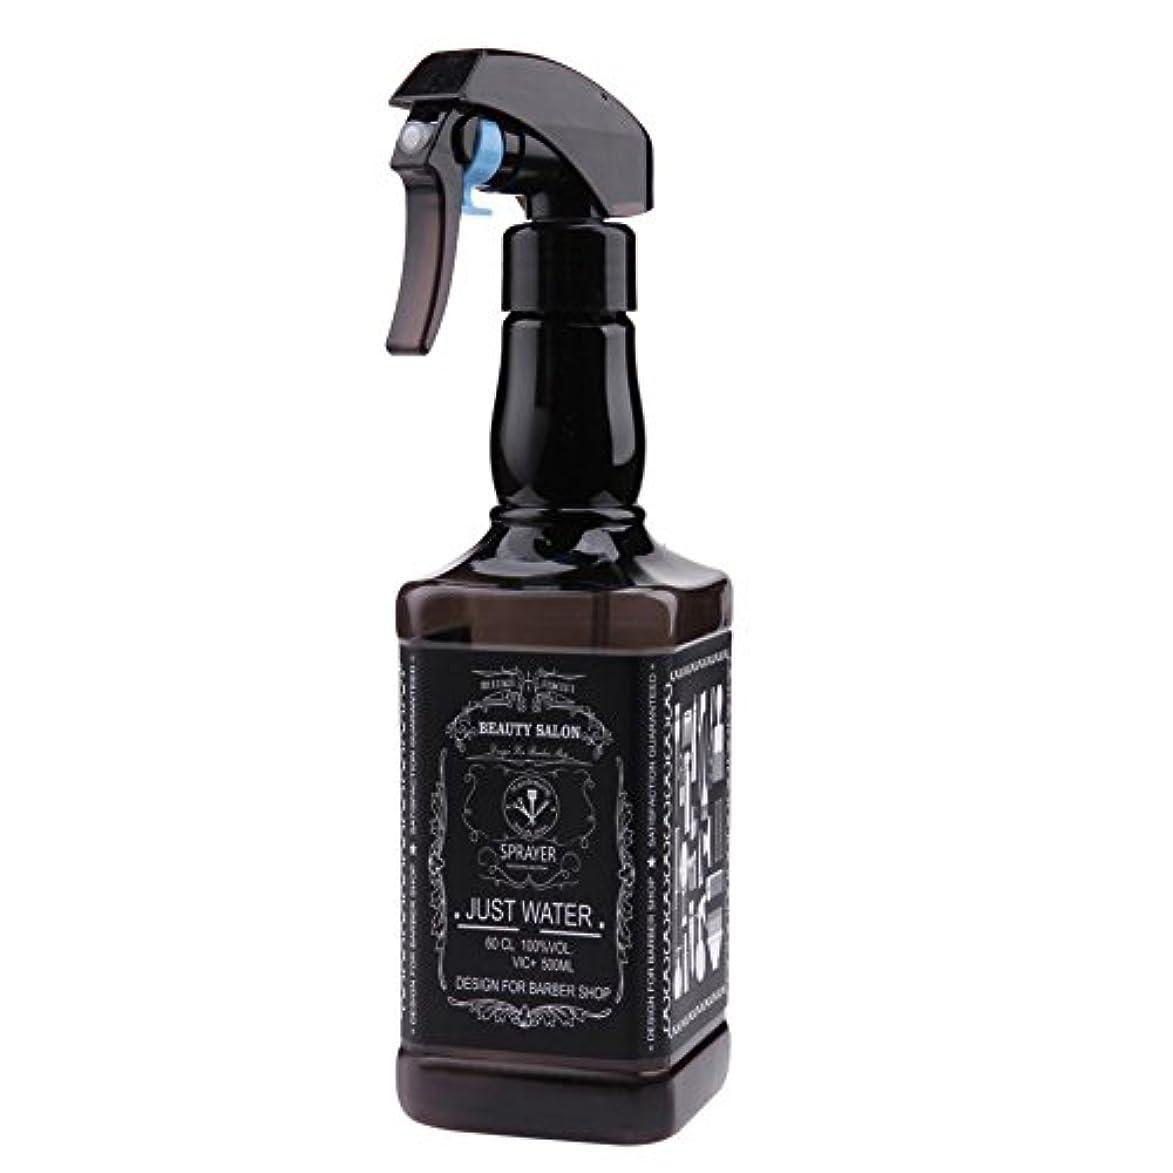 石のクリップ比喩Everpert スプレーボトル 噴霧器 噴霧 ボトル 理髪店 美容室 ガーデニング用 極細ミスト